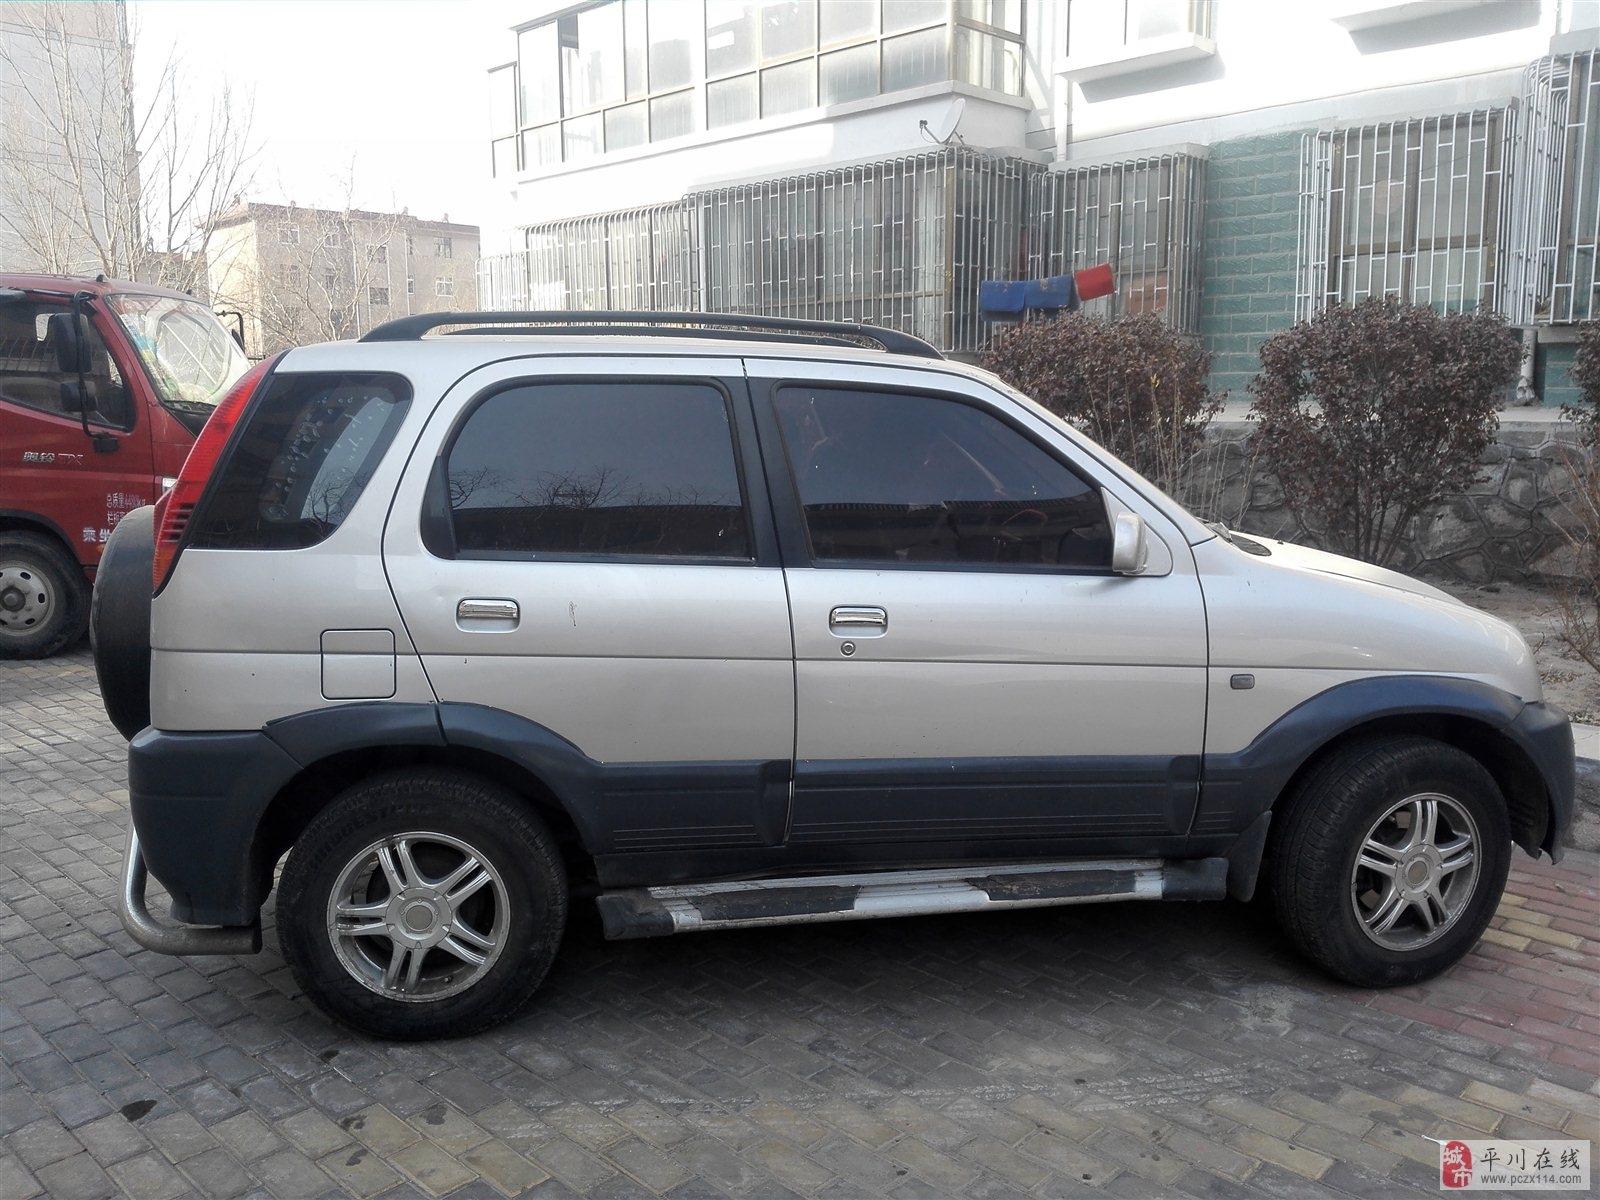 出售二手众泰小型SUV一辆